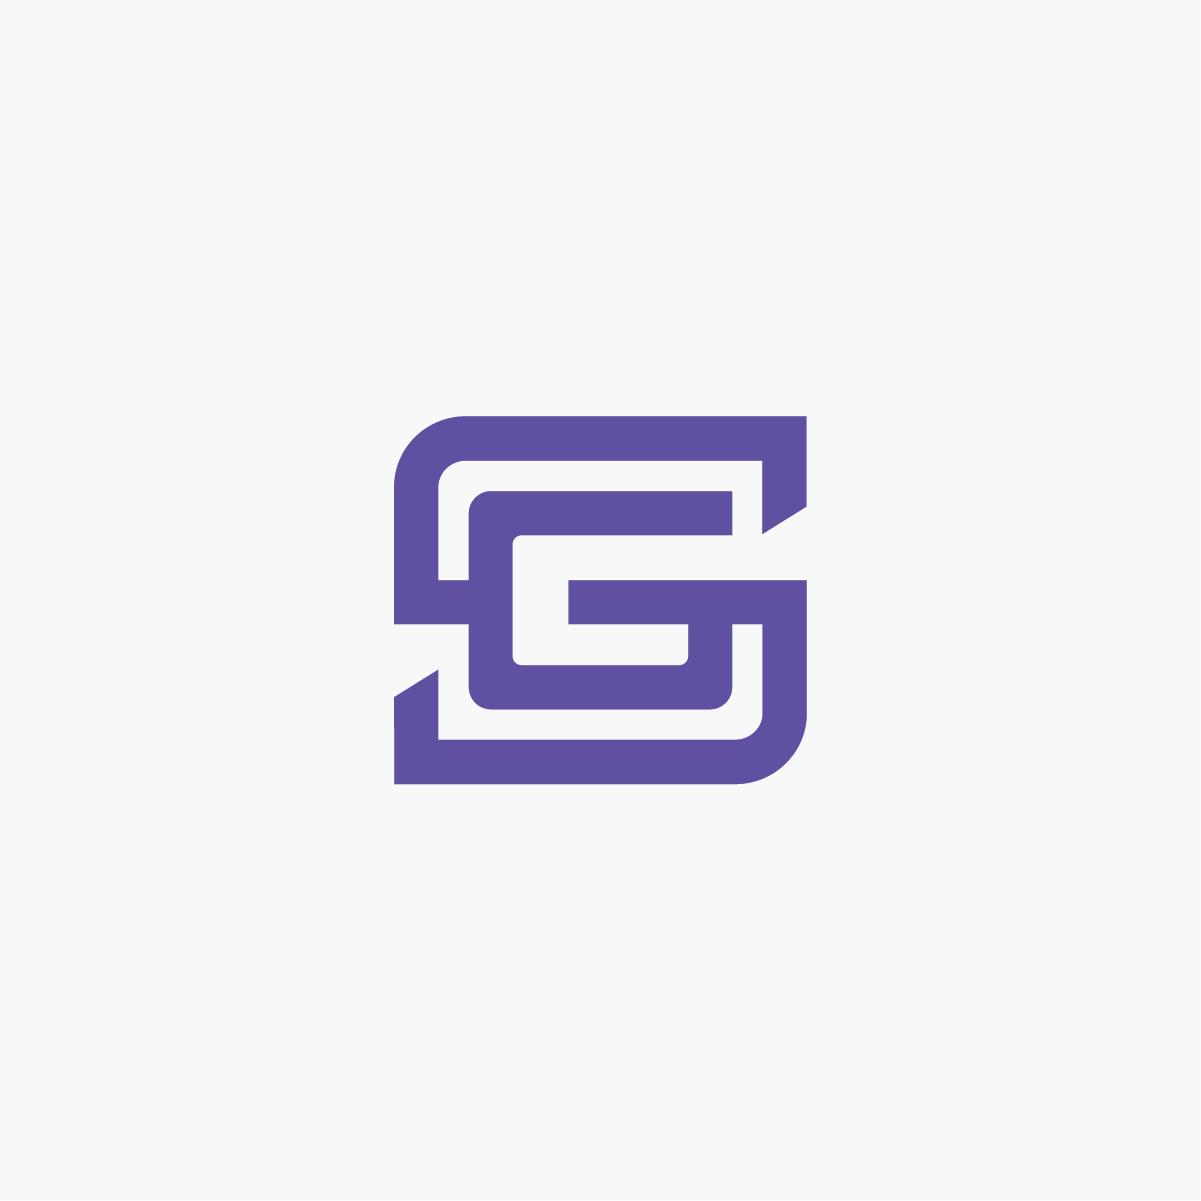 JD_Logos-31.png